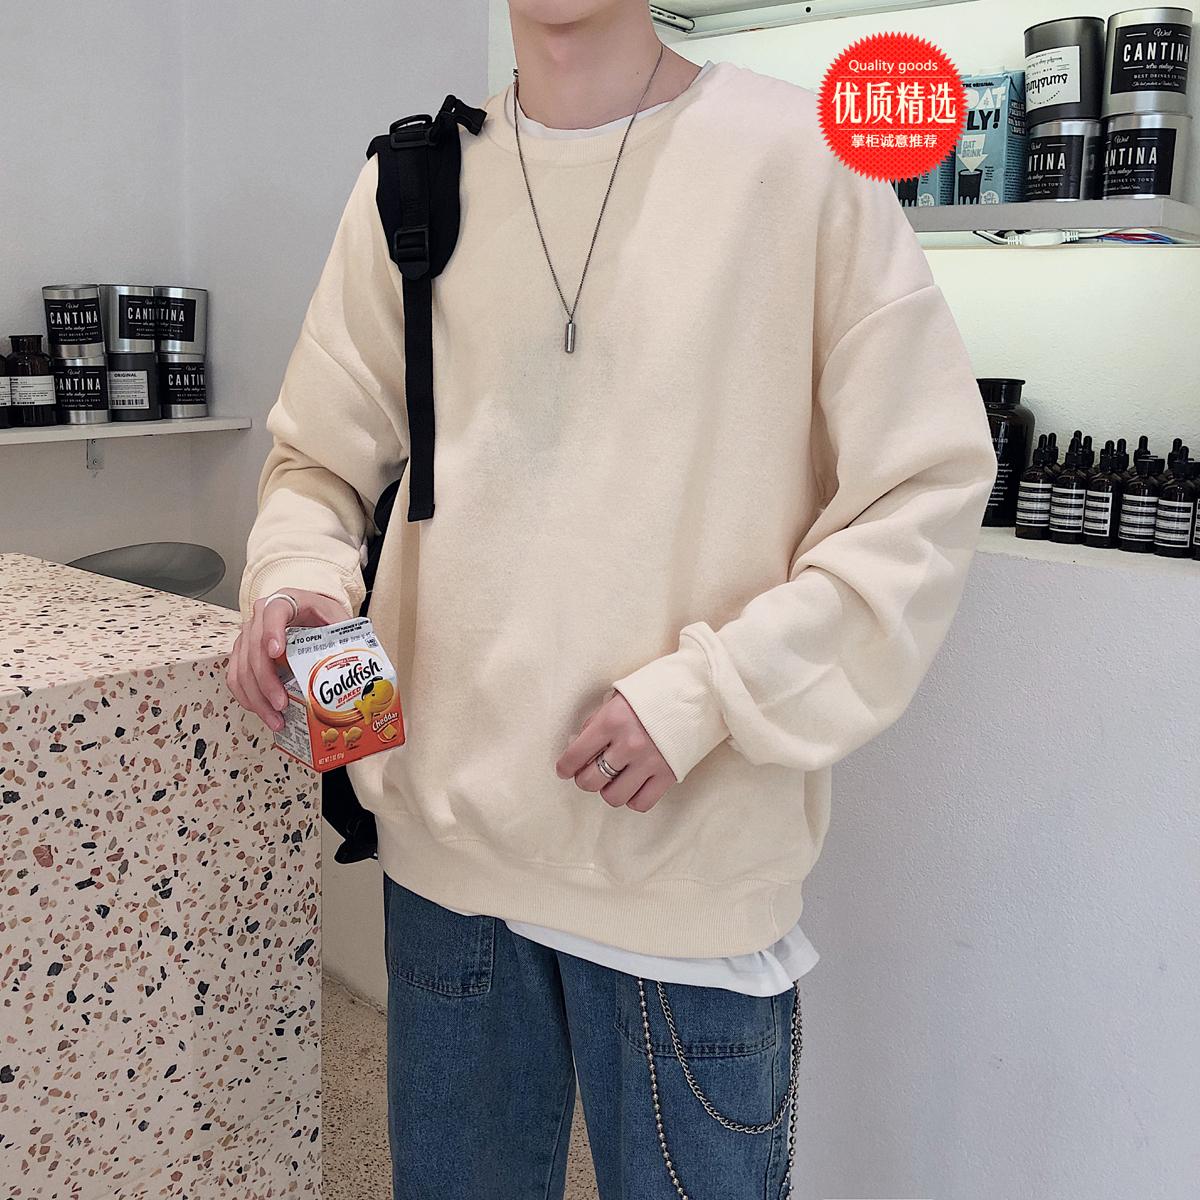 秋季港风情侣潮男韩版宽松纯色圆领卫衣外套长袖T恤W8001P45控59